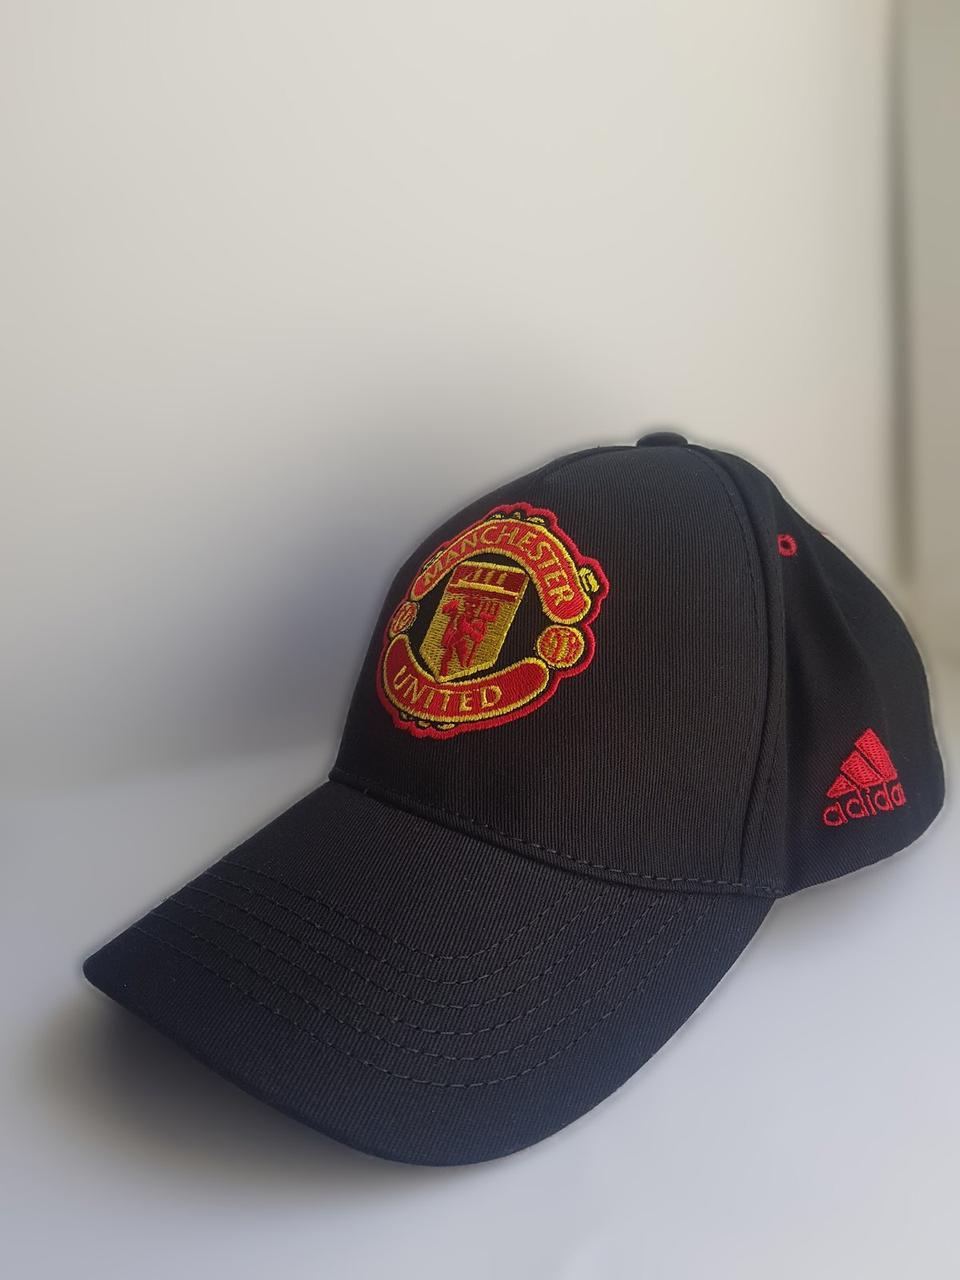 Кепка бейсболка Манчестер юнайтед Manchester United